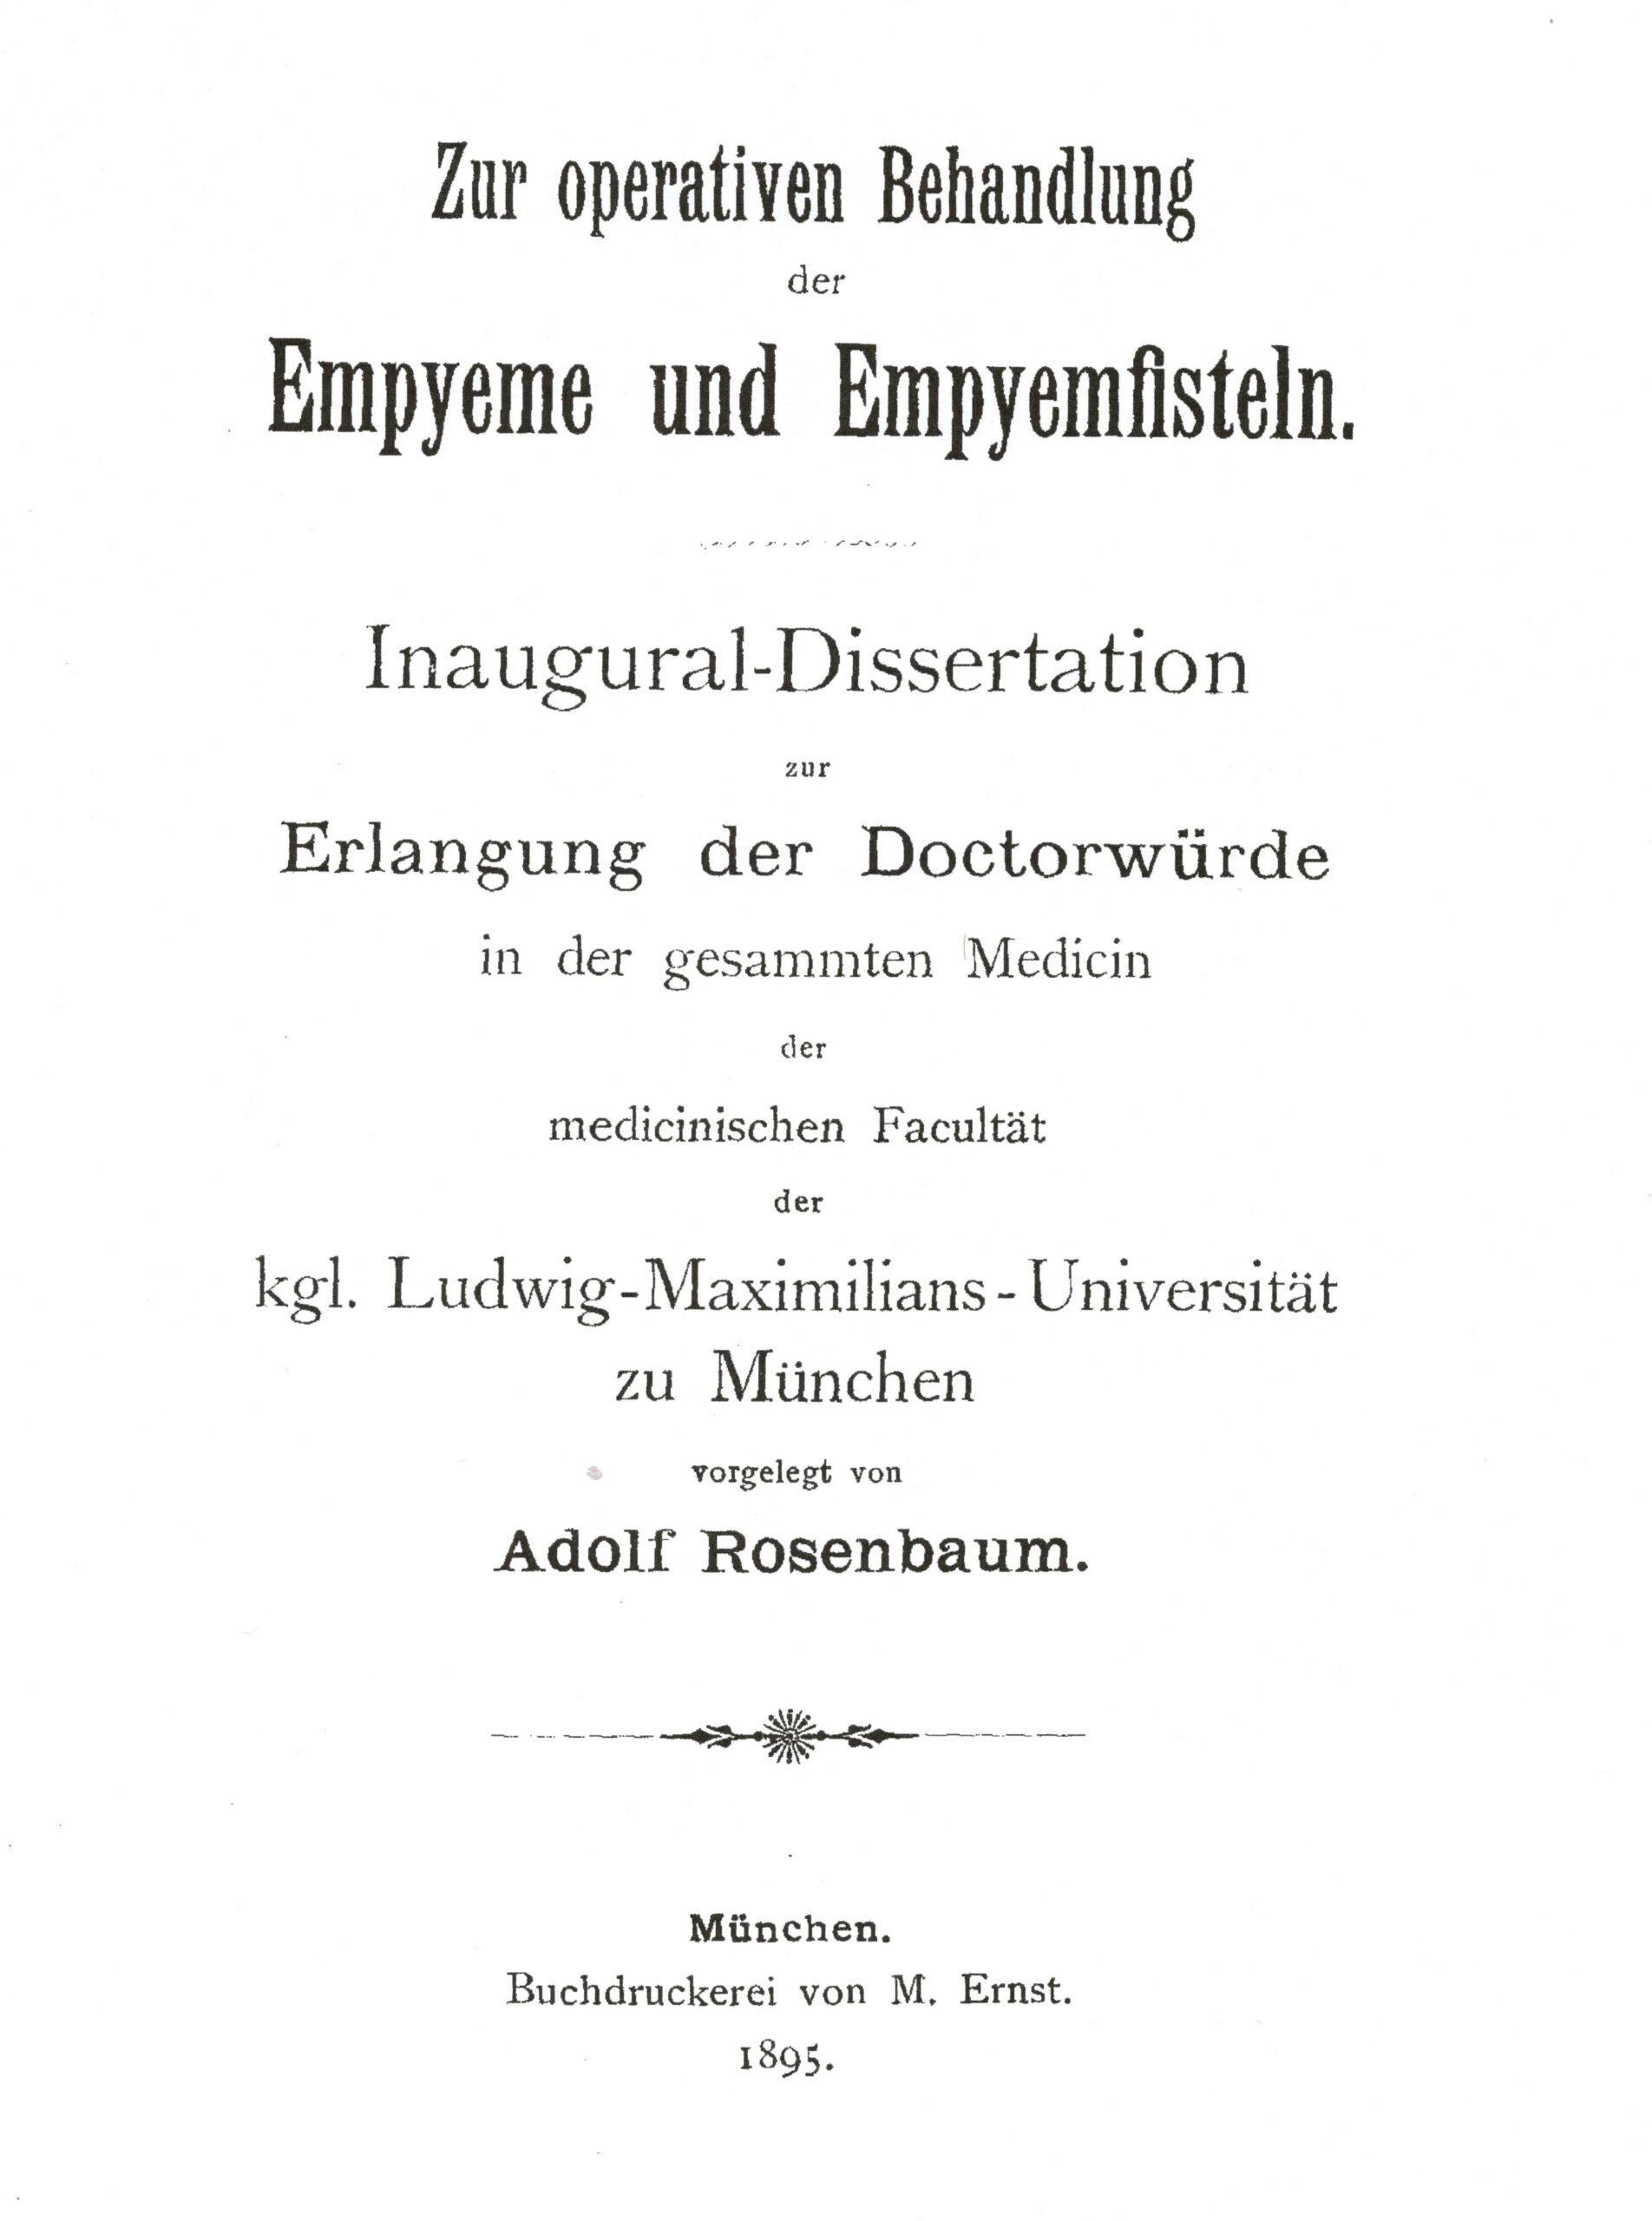 Dissertation, München 1895